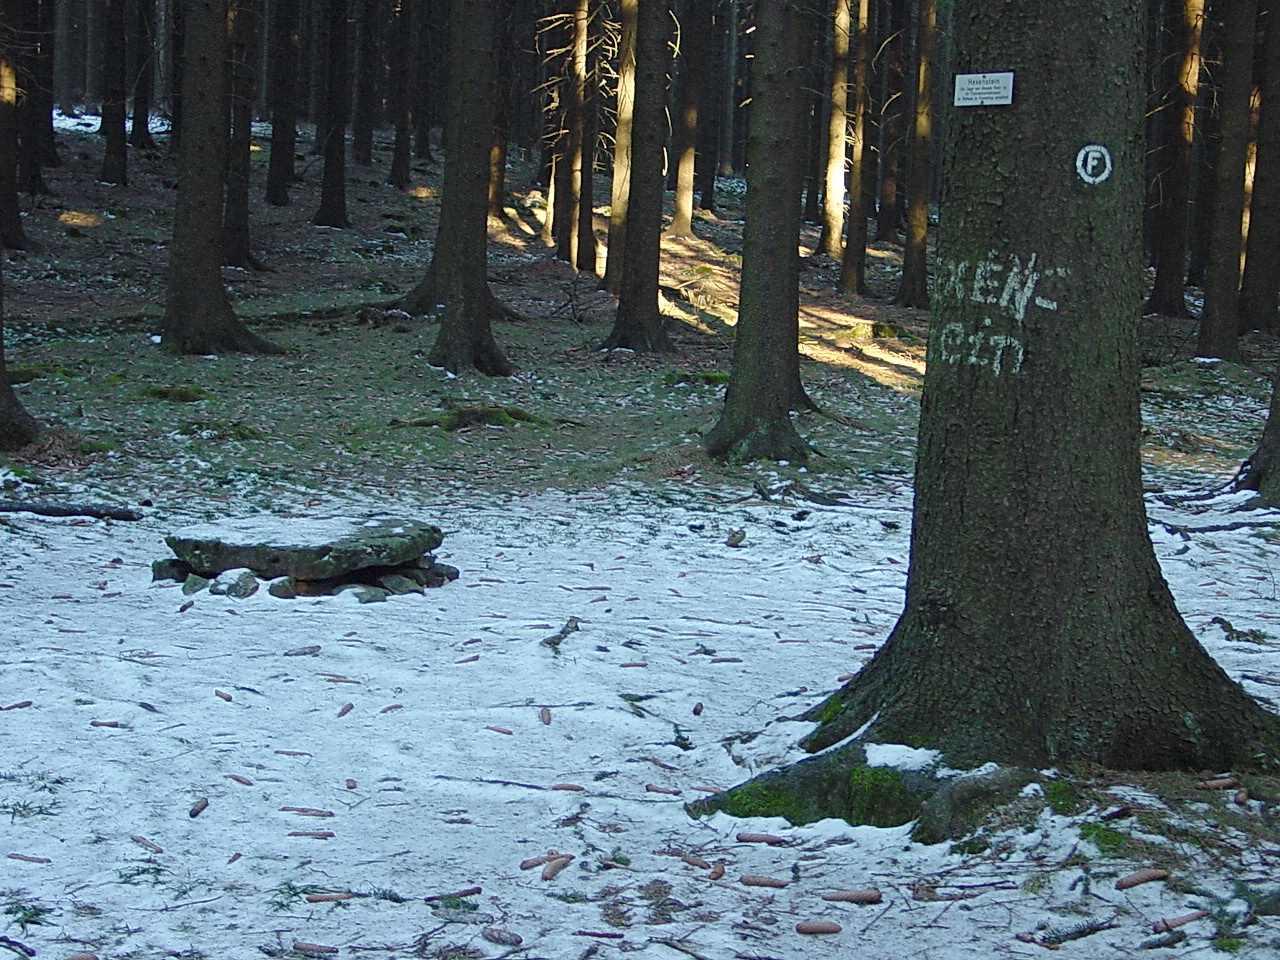 Hexenstein 2006 (vor Kyrill), Fotograph: Eckard Sieg